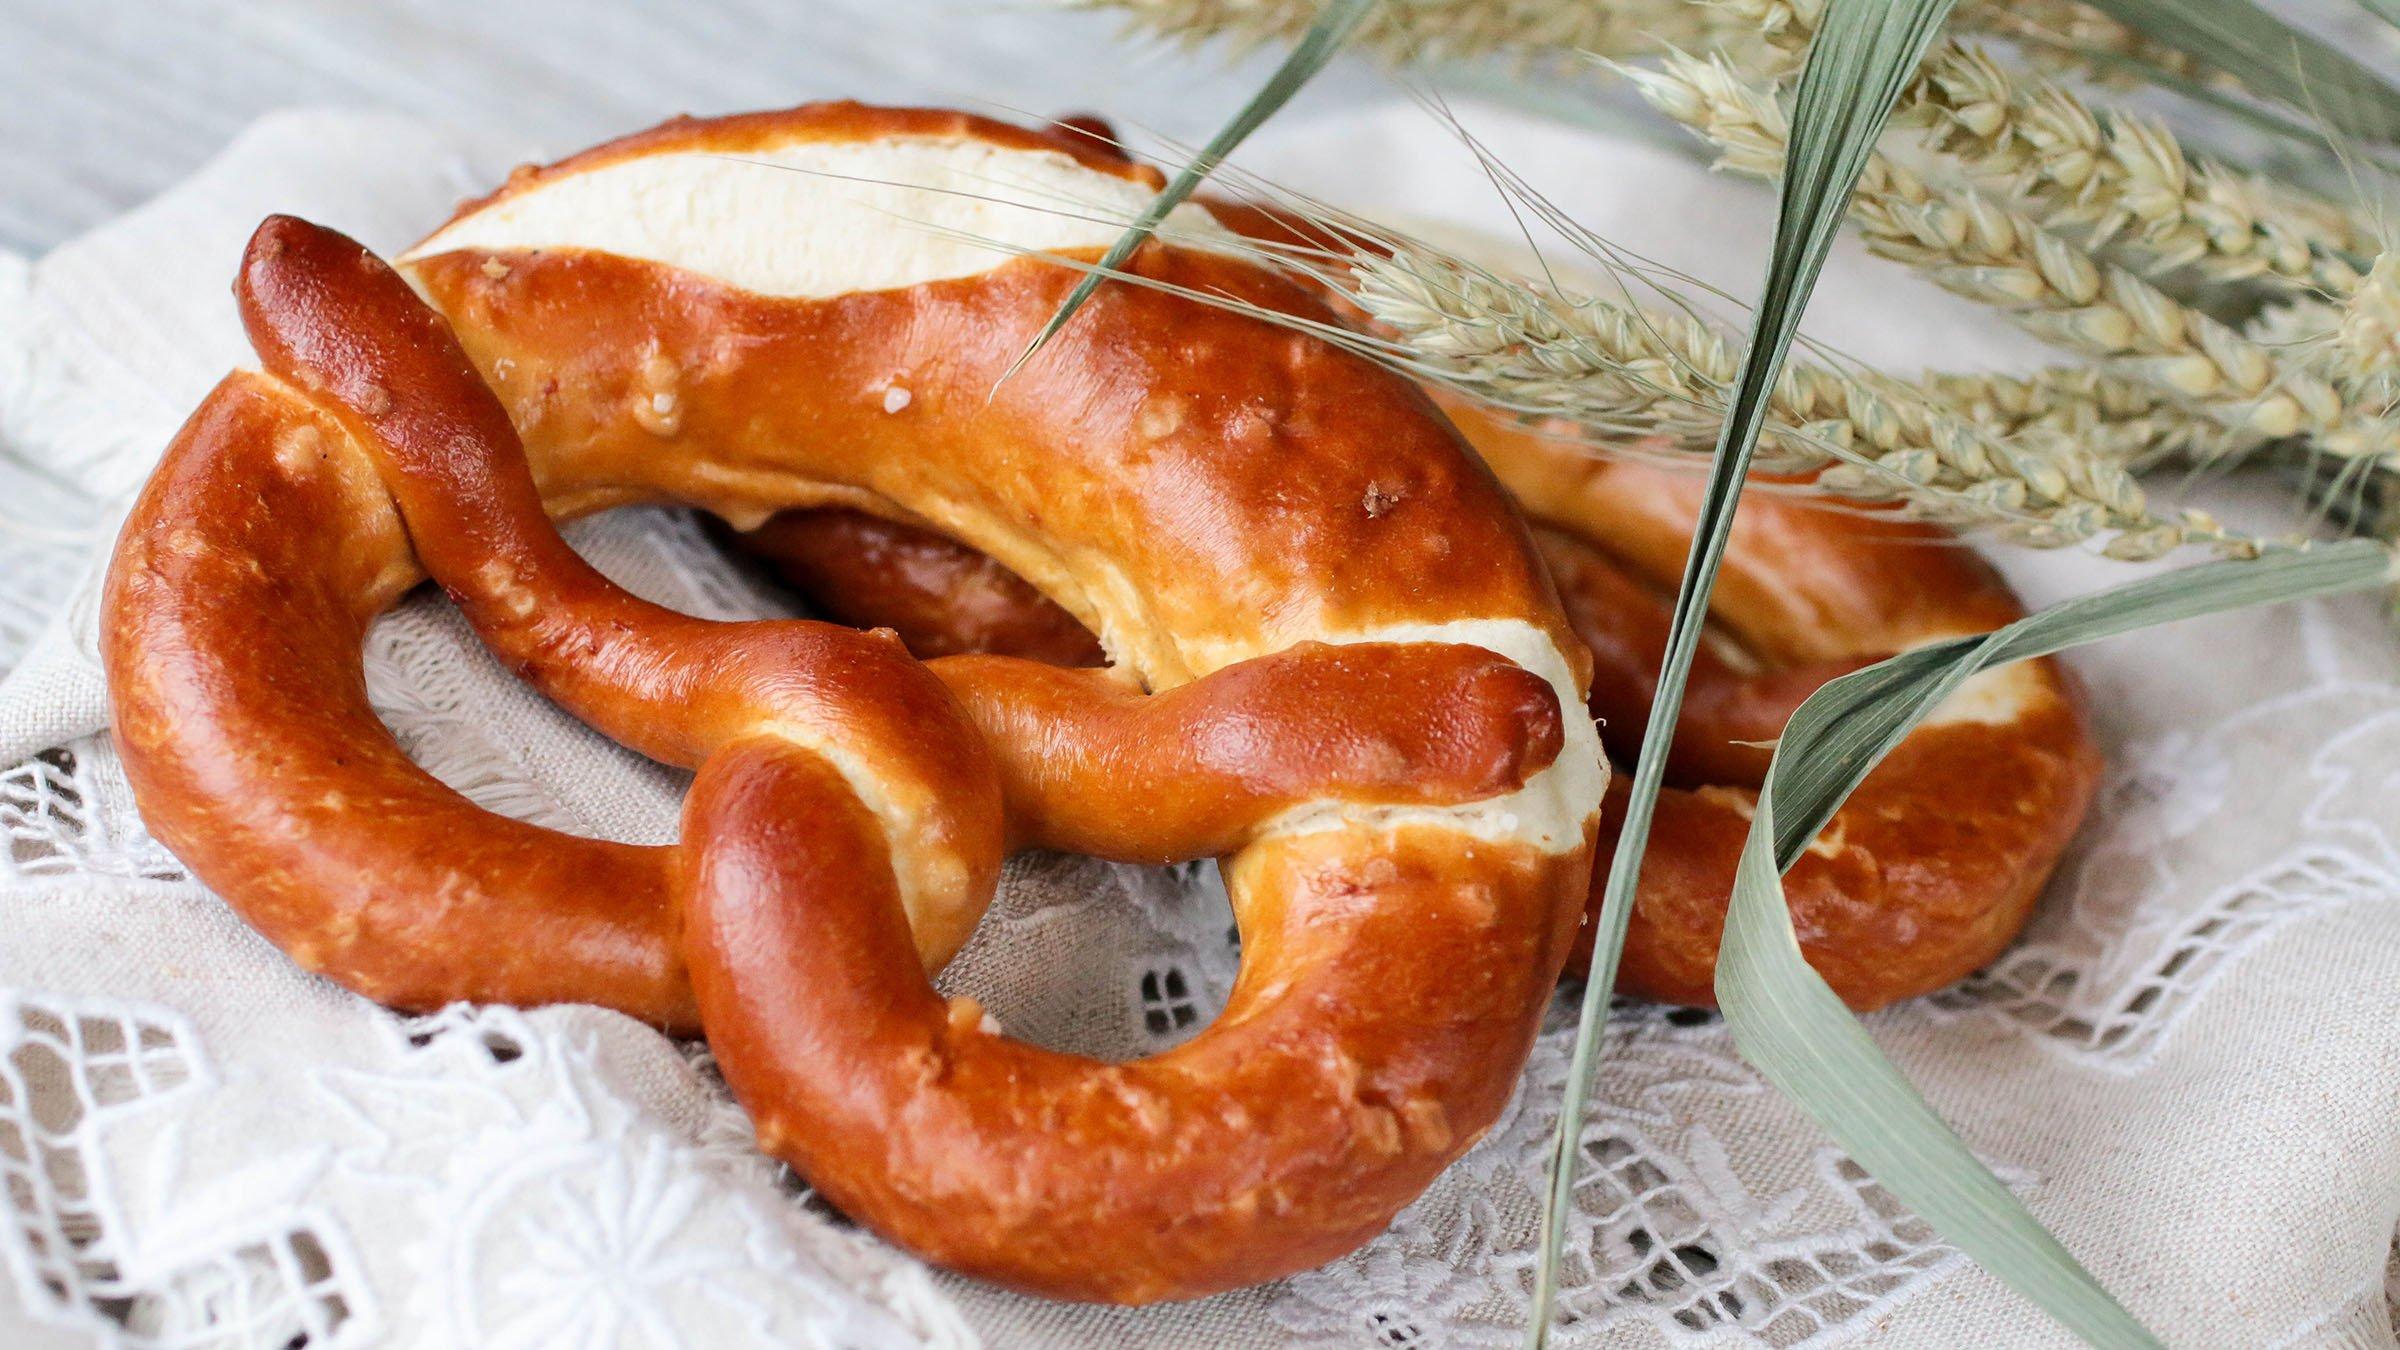 Alemania entre bastidores: Gastronomía alemana